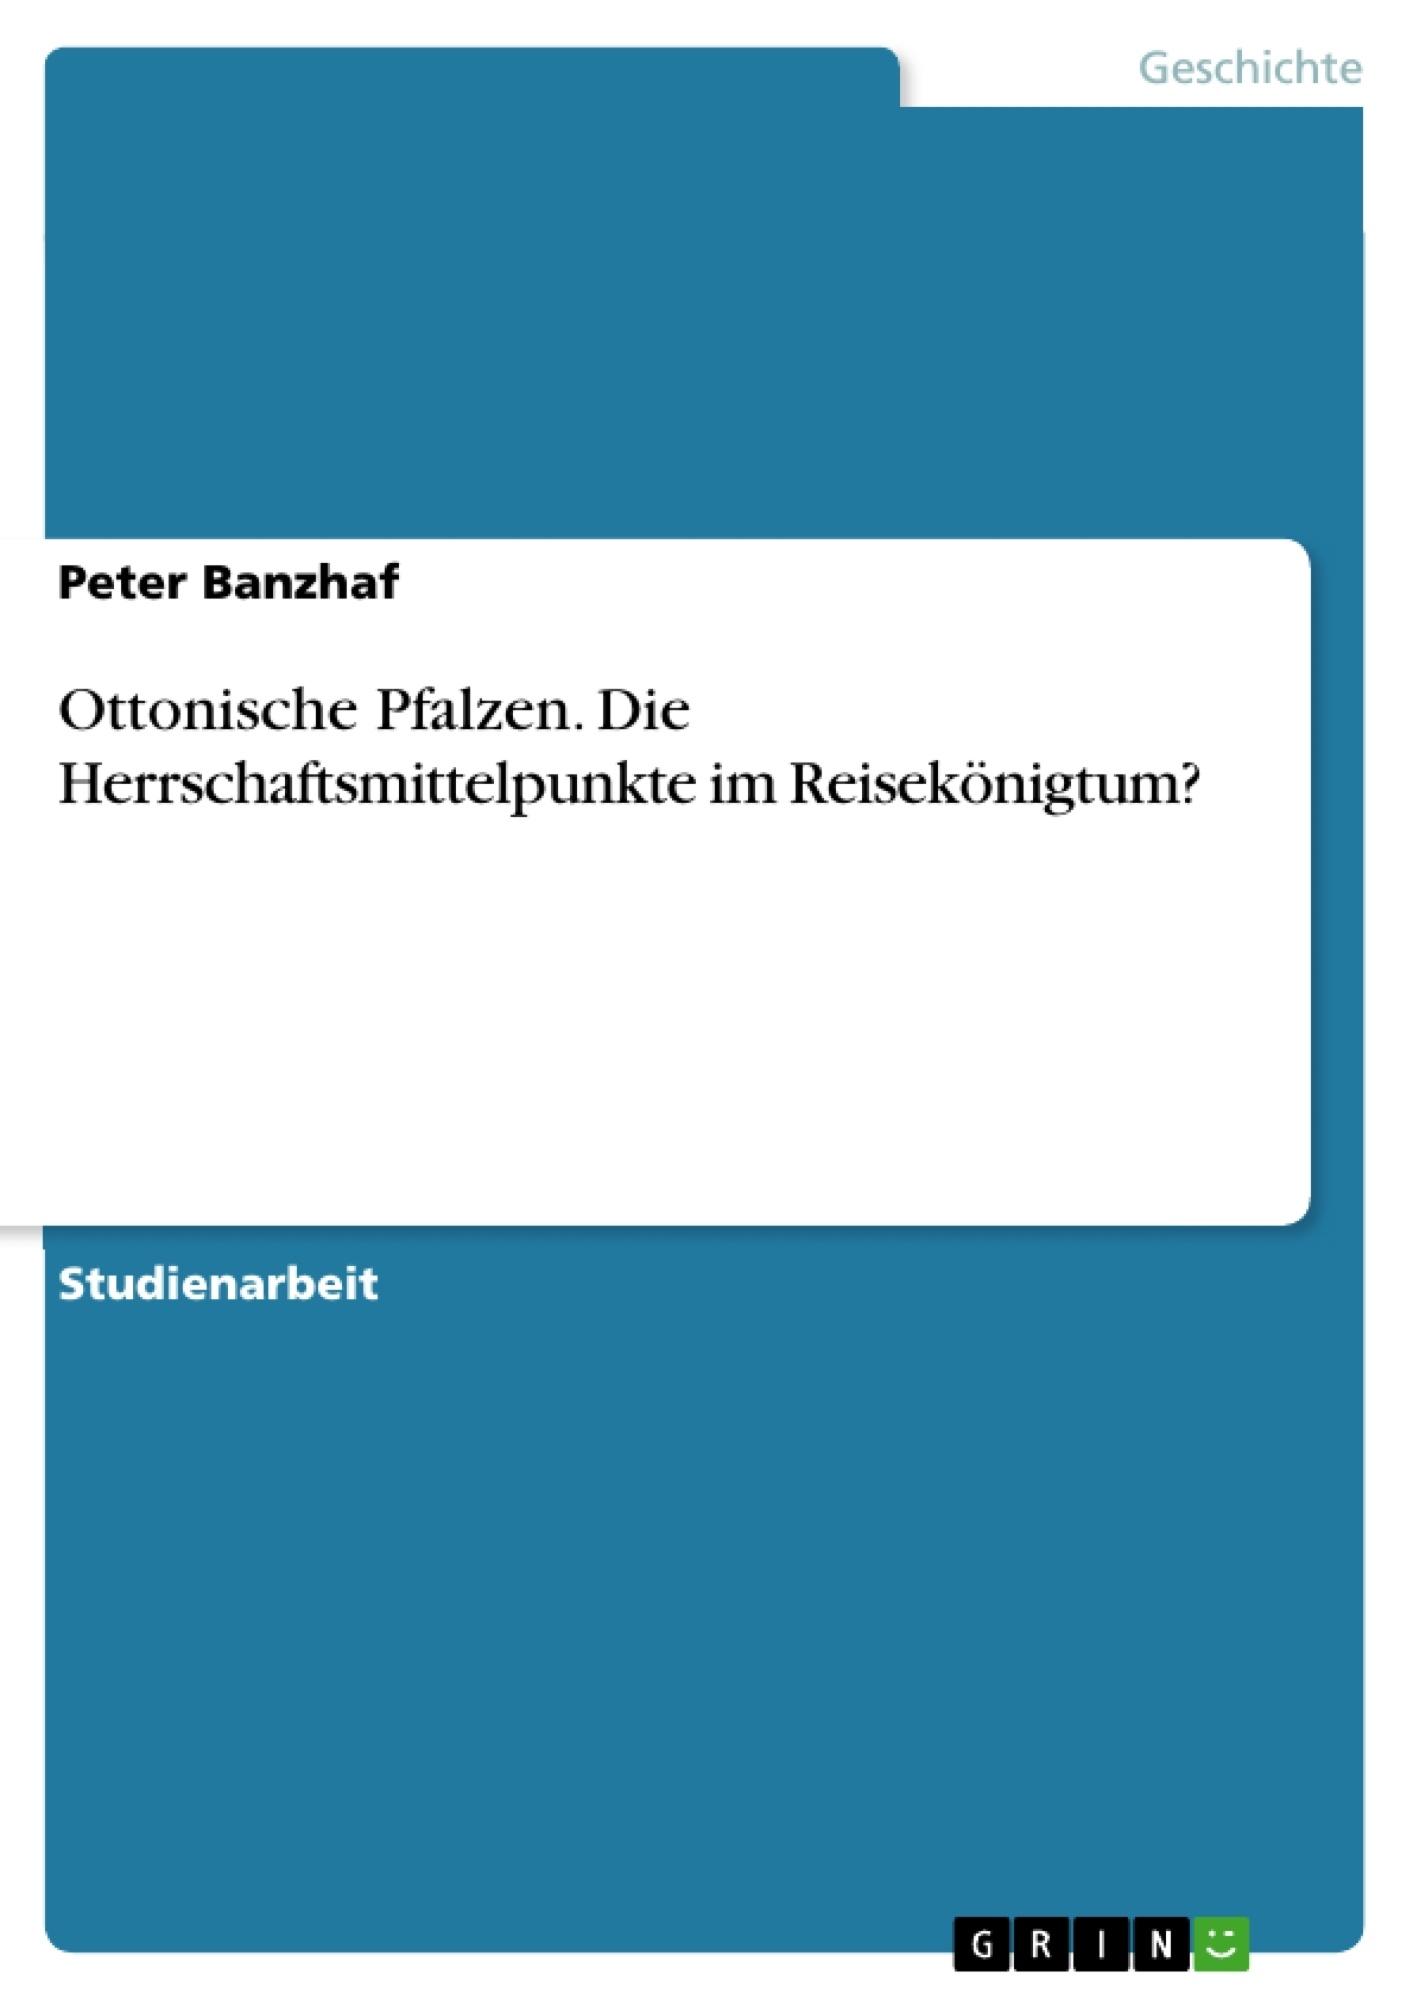 Titel: Ottonische Pfalzen. Die Herrschaftsmittelpunkte im Reisekönigtum?